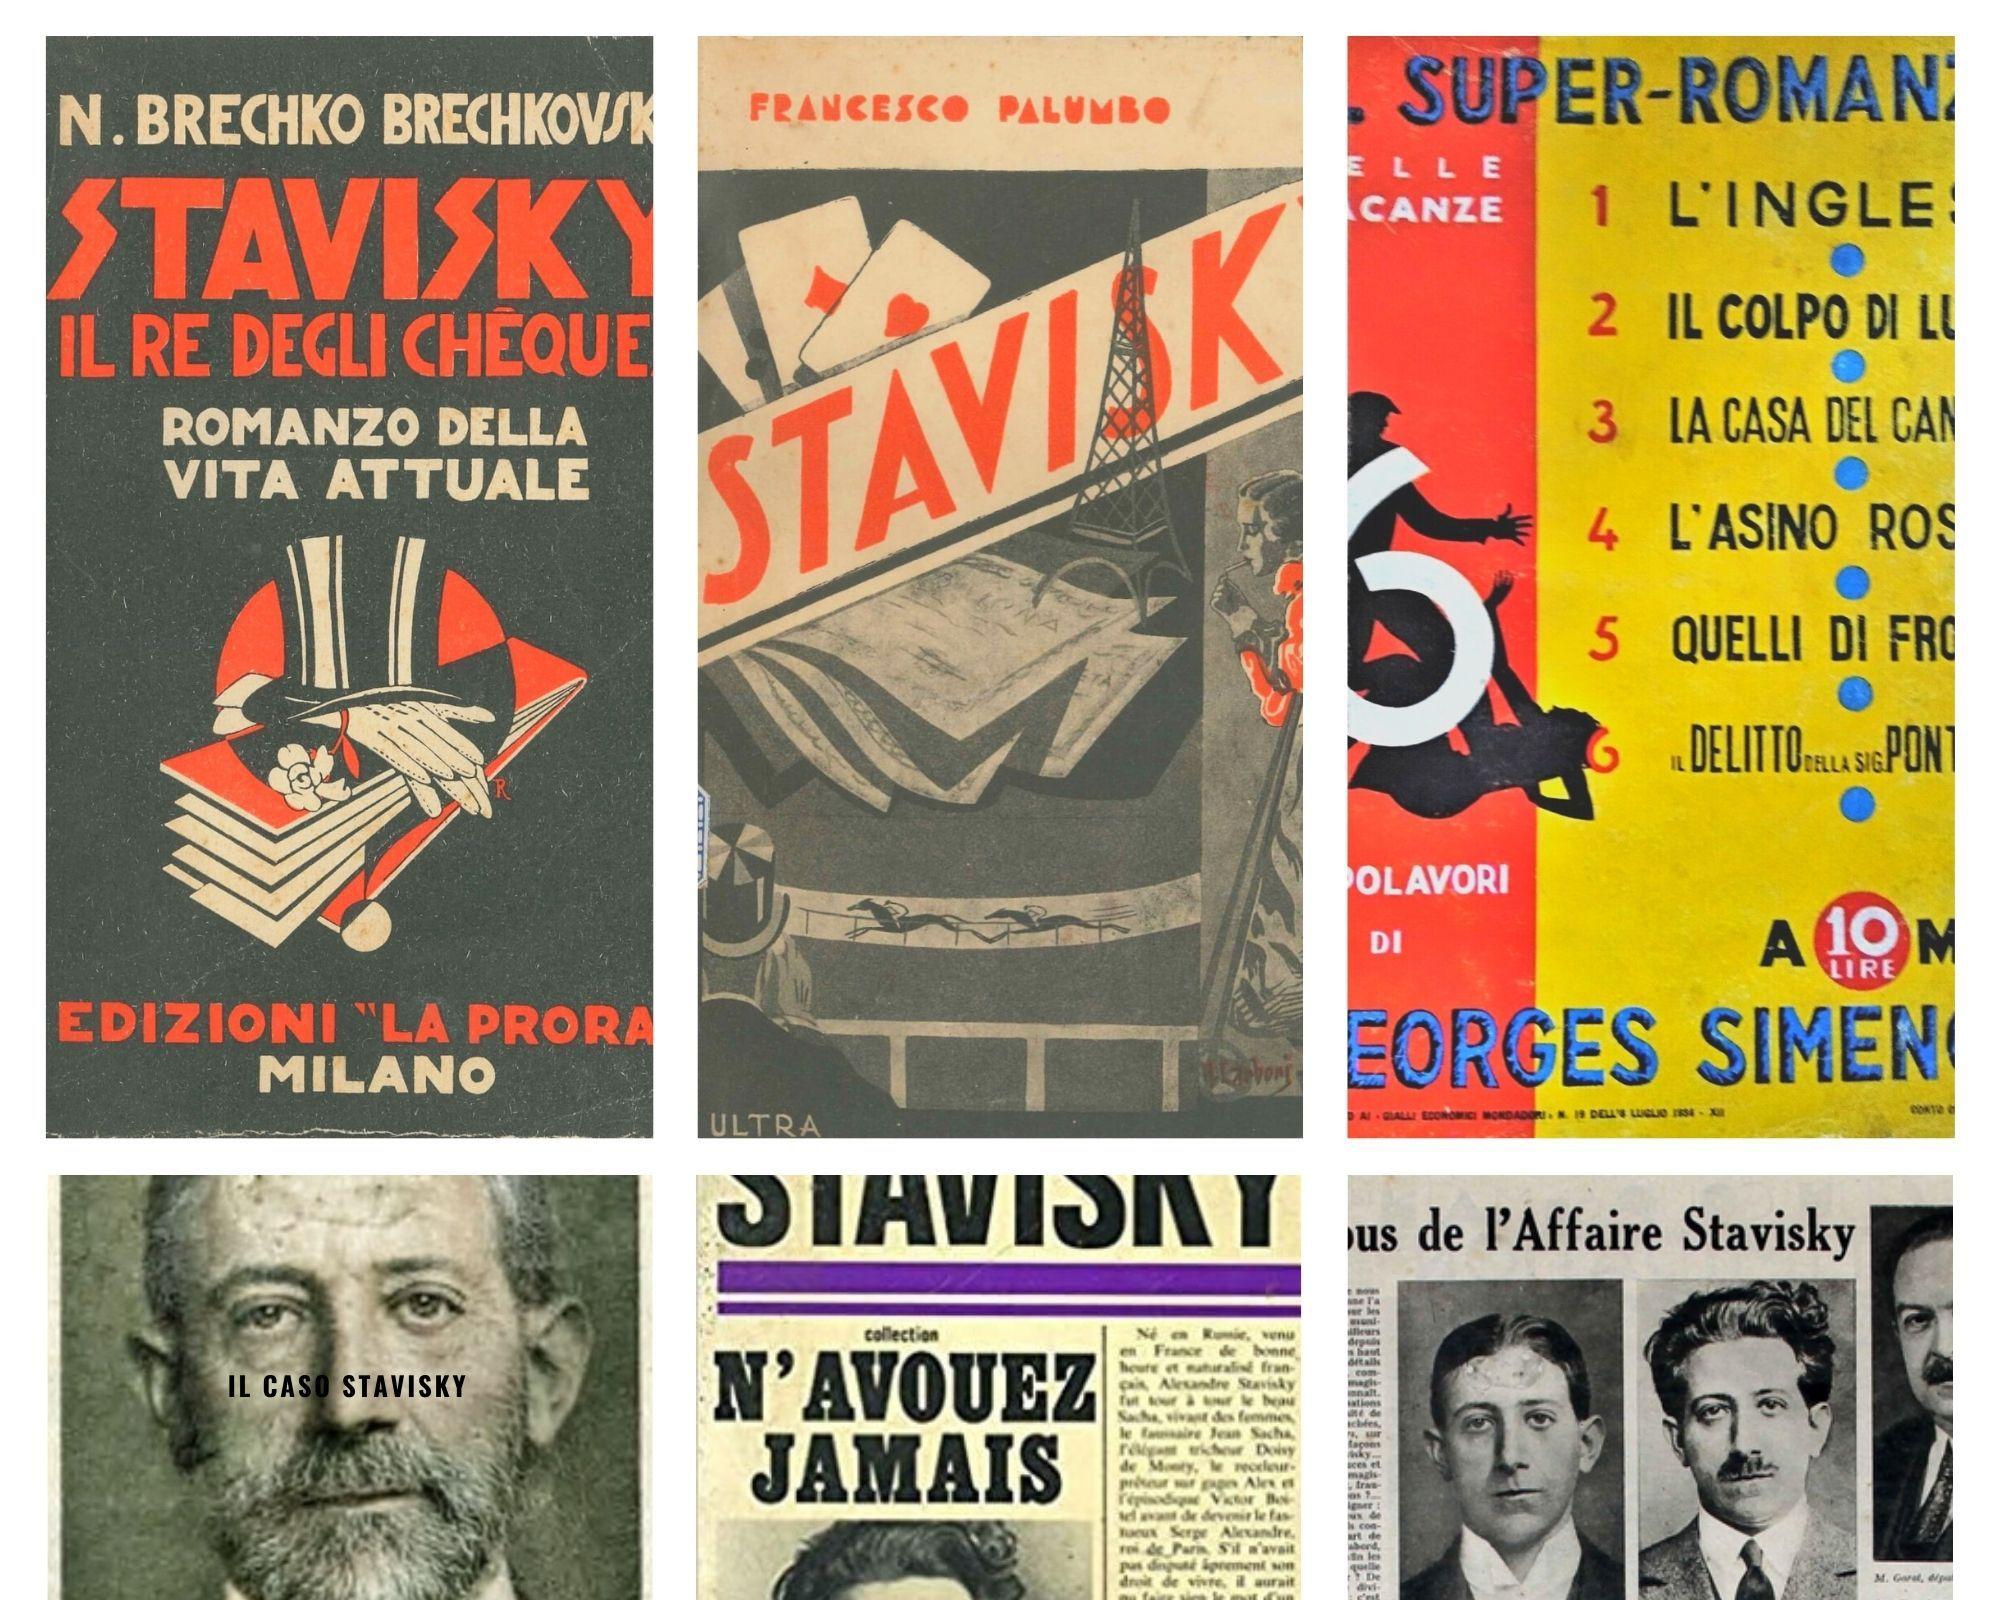 I libri sulla questione Stavisky: scandalo e corruzione nella Francia degli anni '30